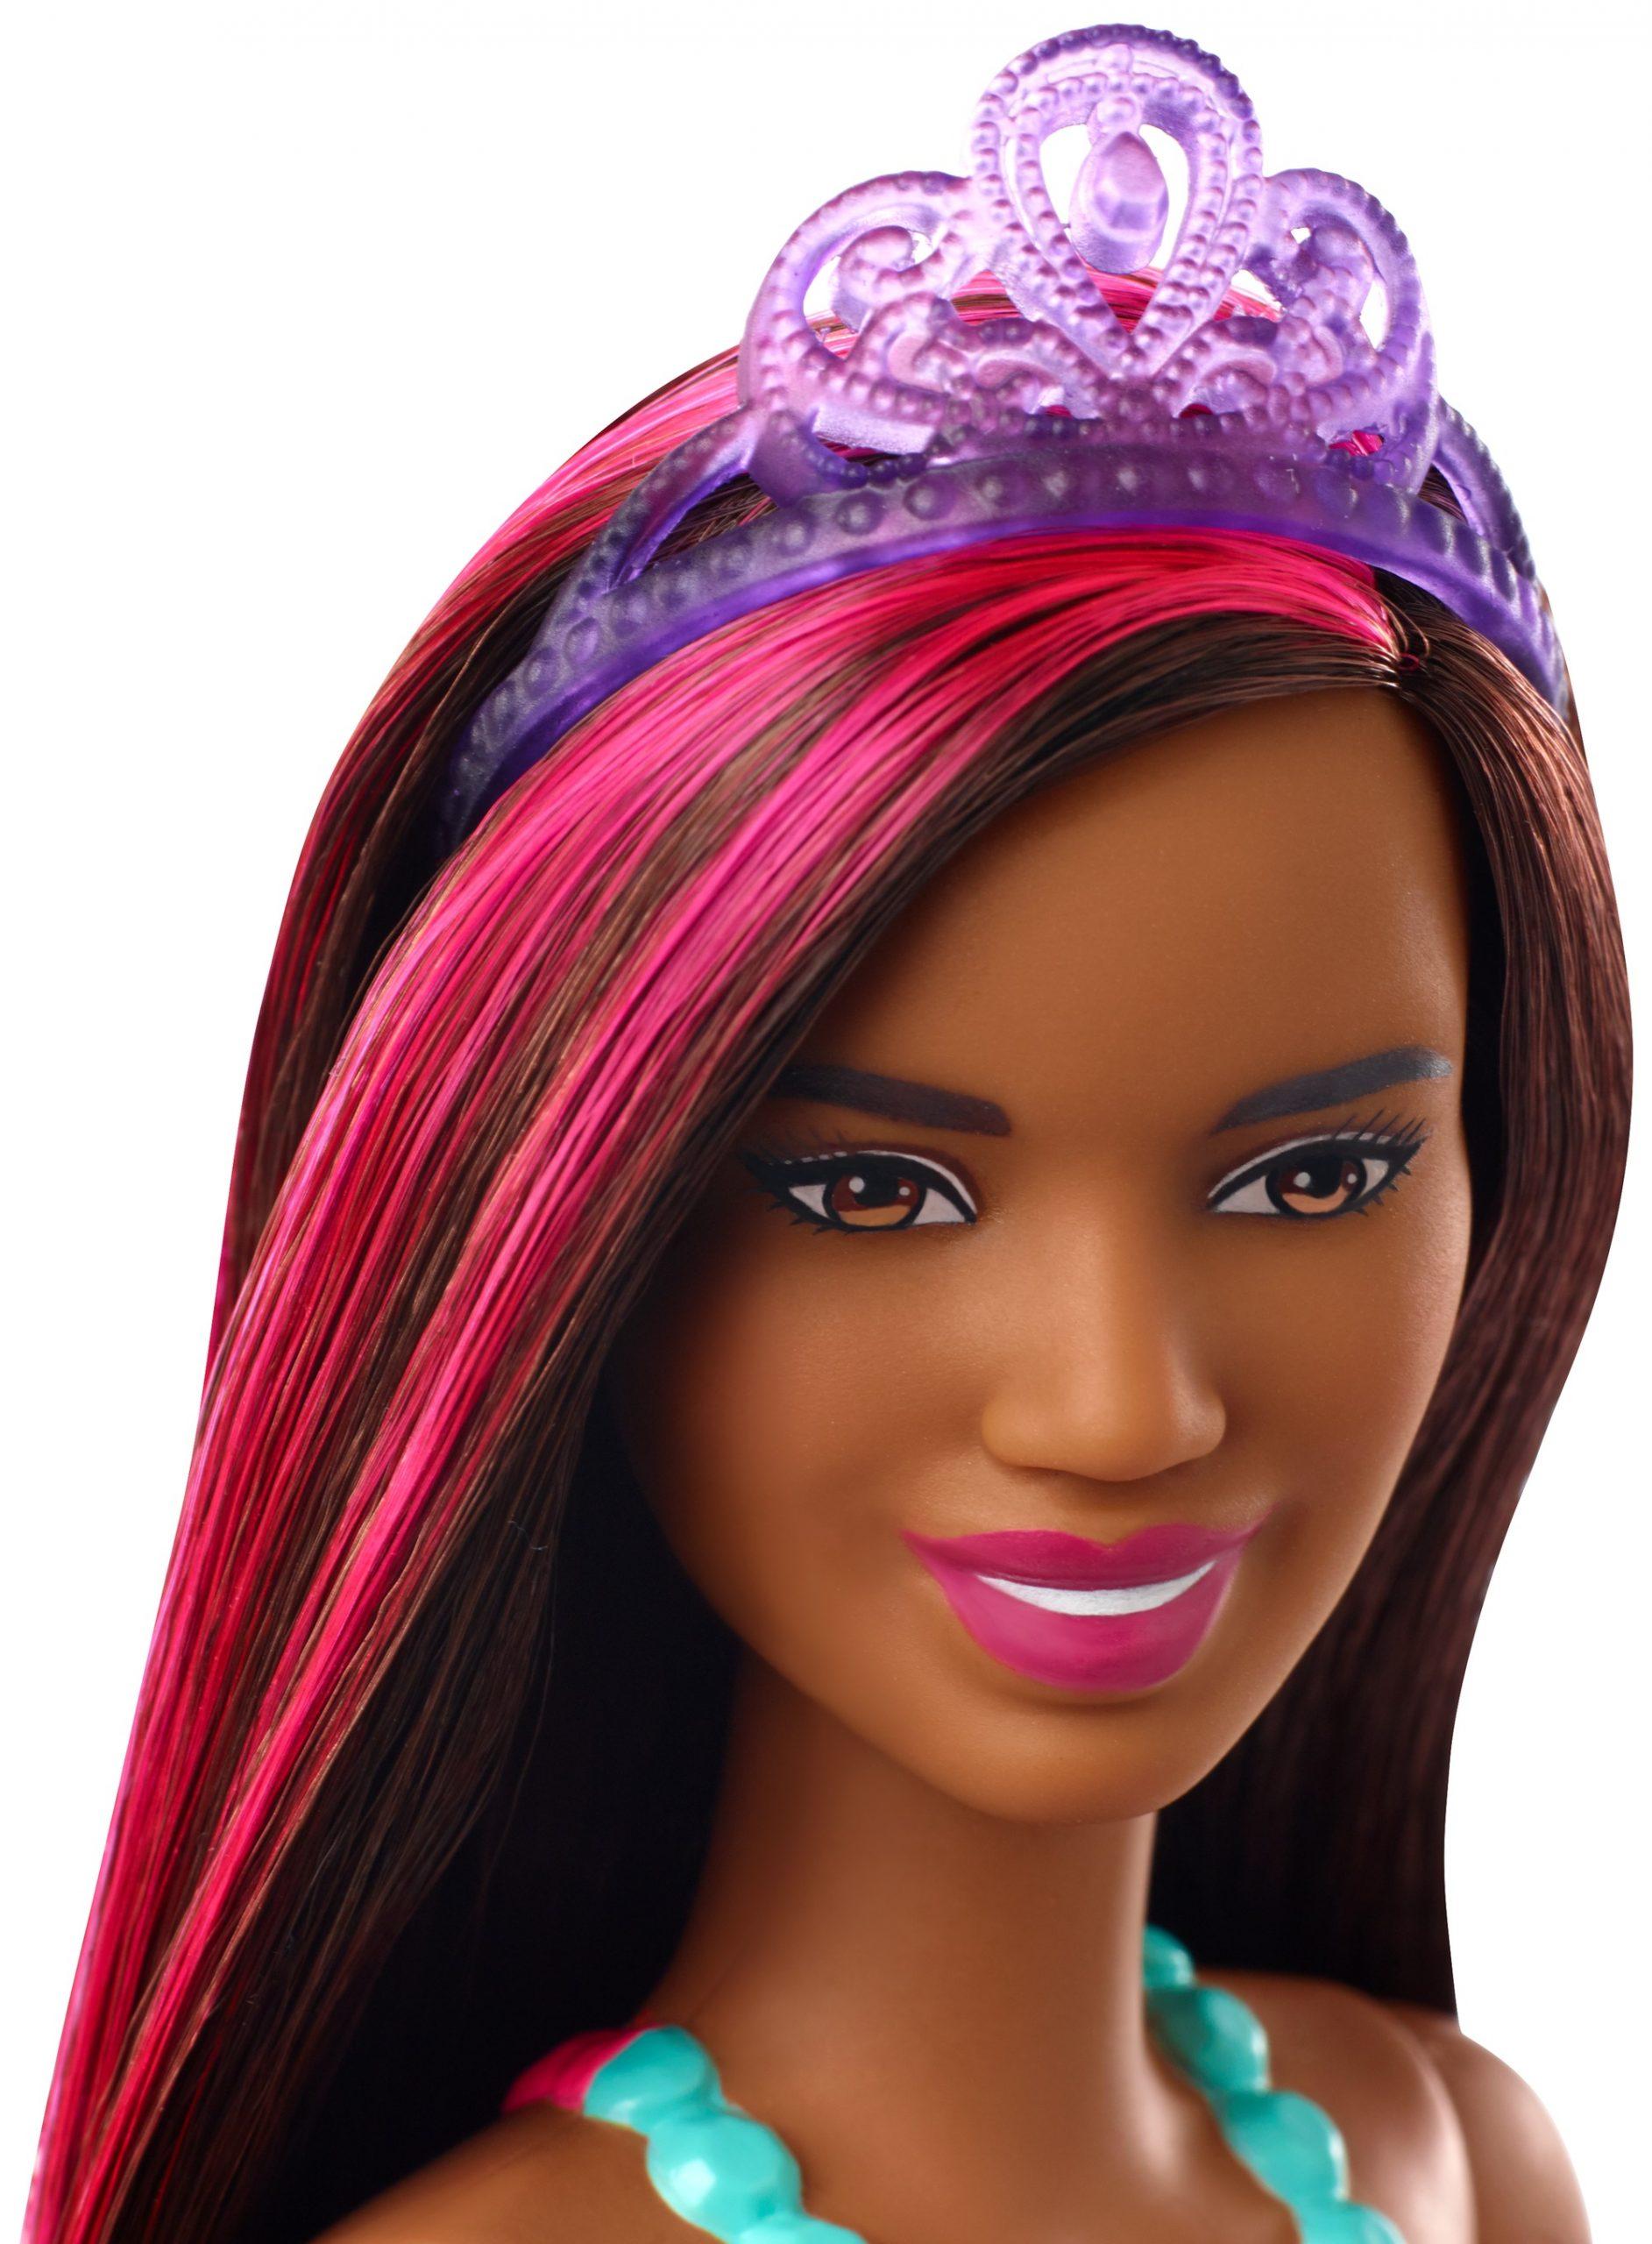 Barbie- dreamtopia bambola principessa con ciocca rosa, 30.5 cm, giocattolo per bambini 3+ anni, multicolore - Barbie